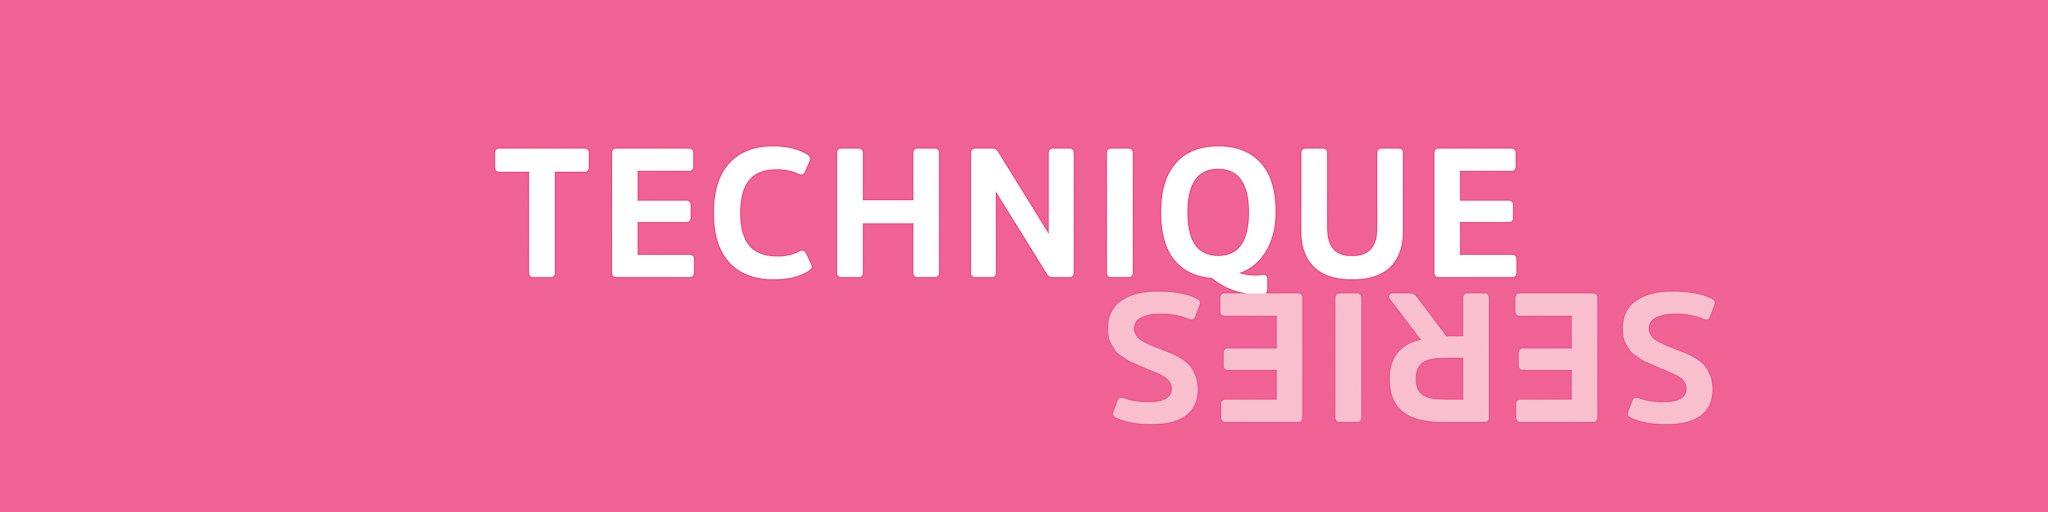 Technique Series